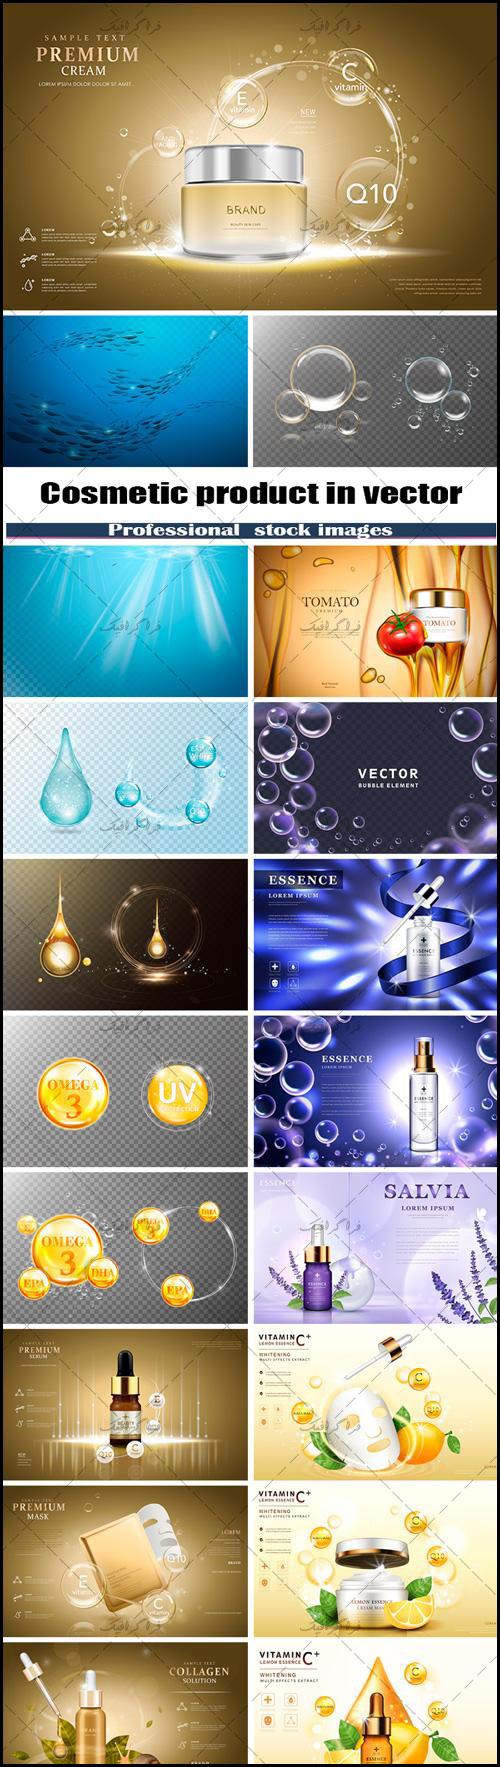 دانلود وکتور طرح تبلیغاتی محصولات آرایشی و بهداشتی - شماره 1